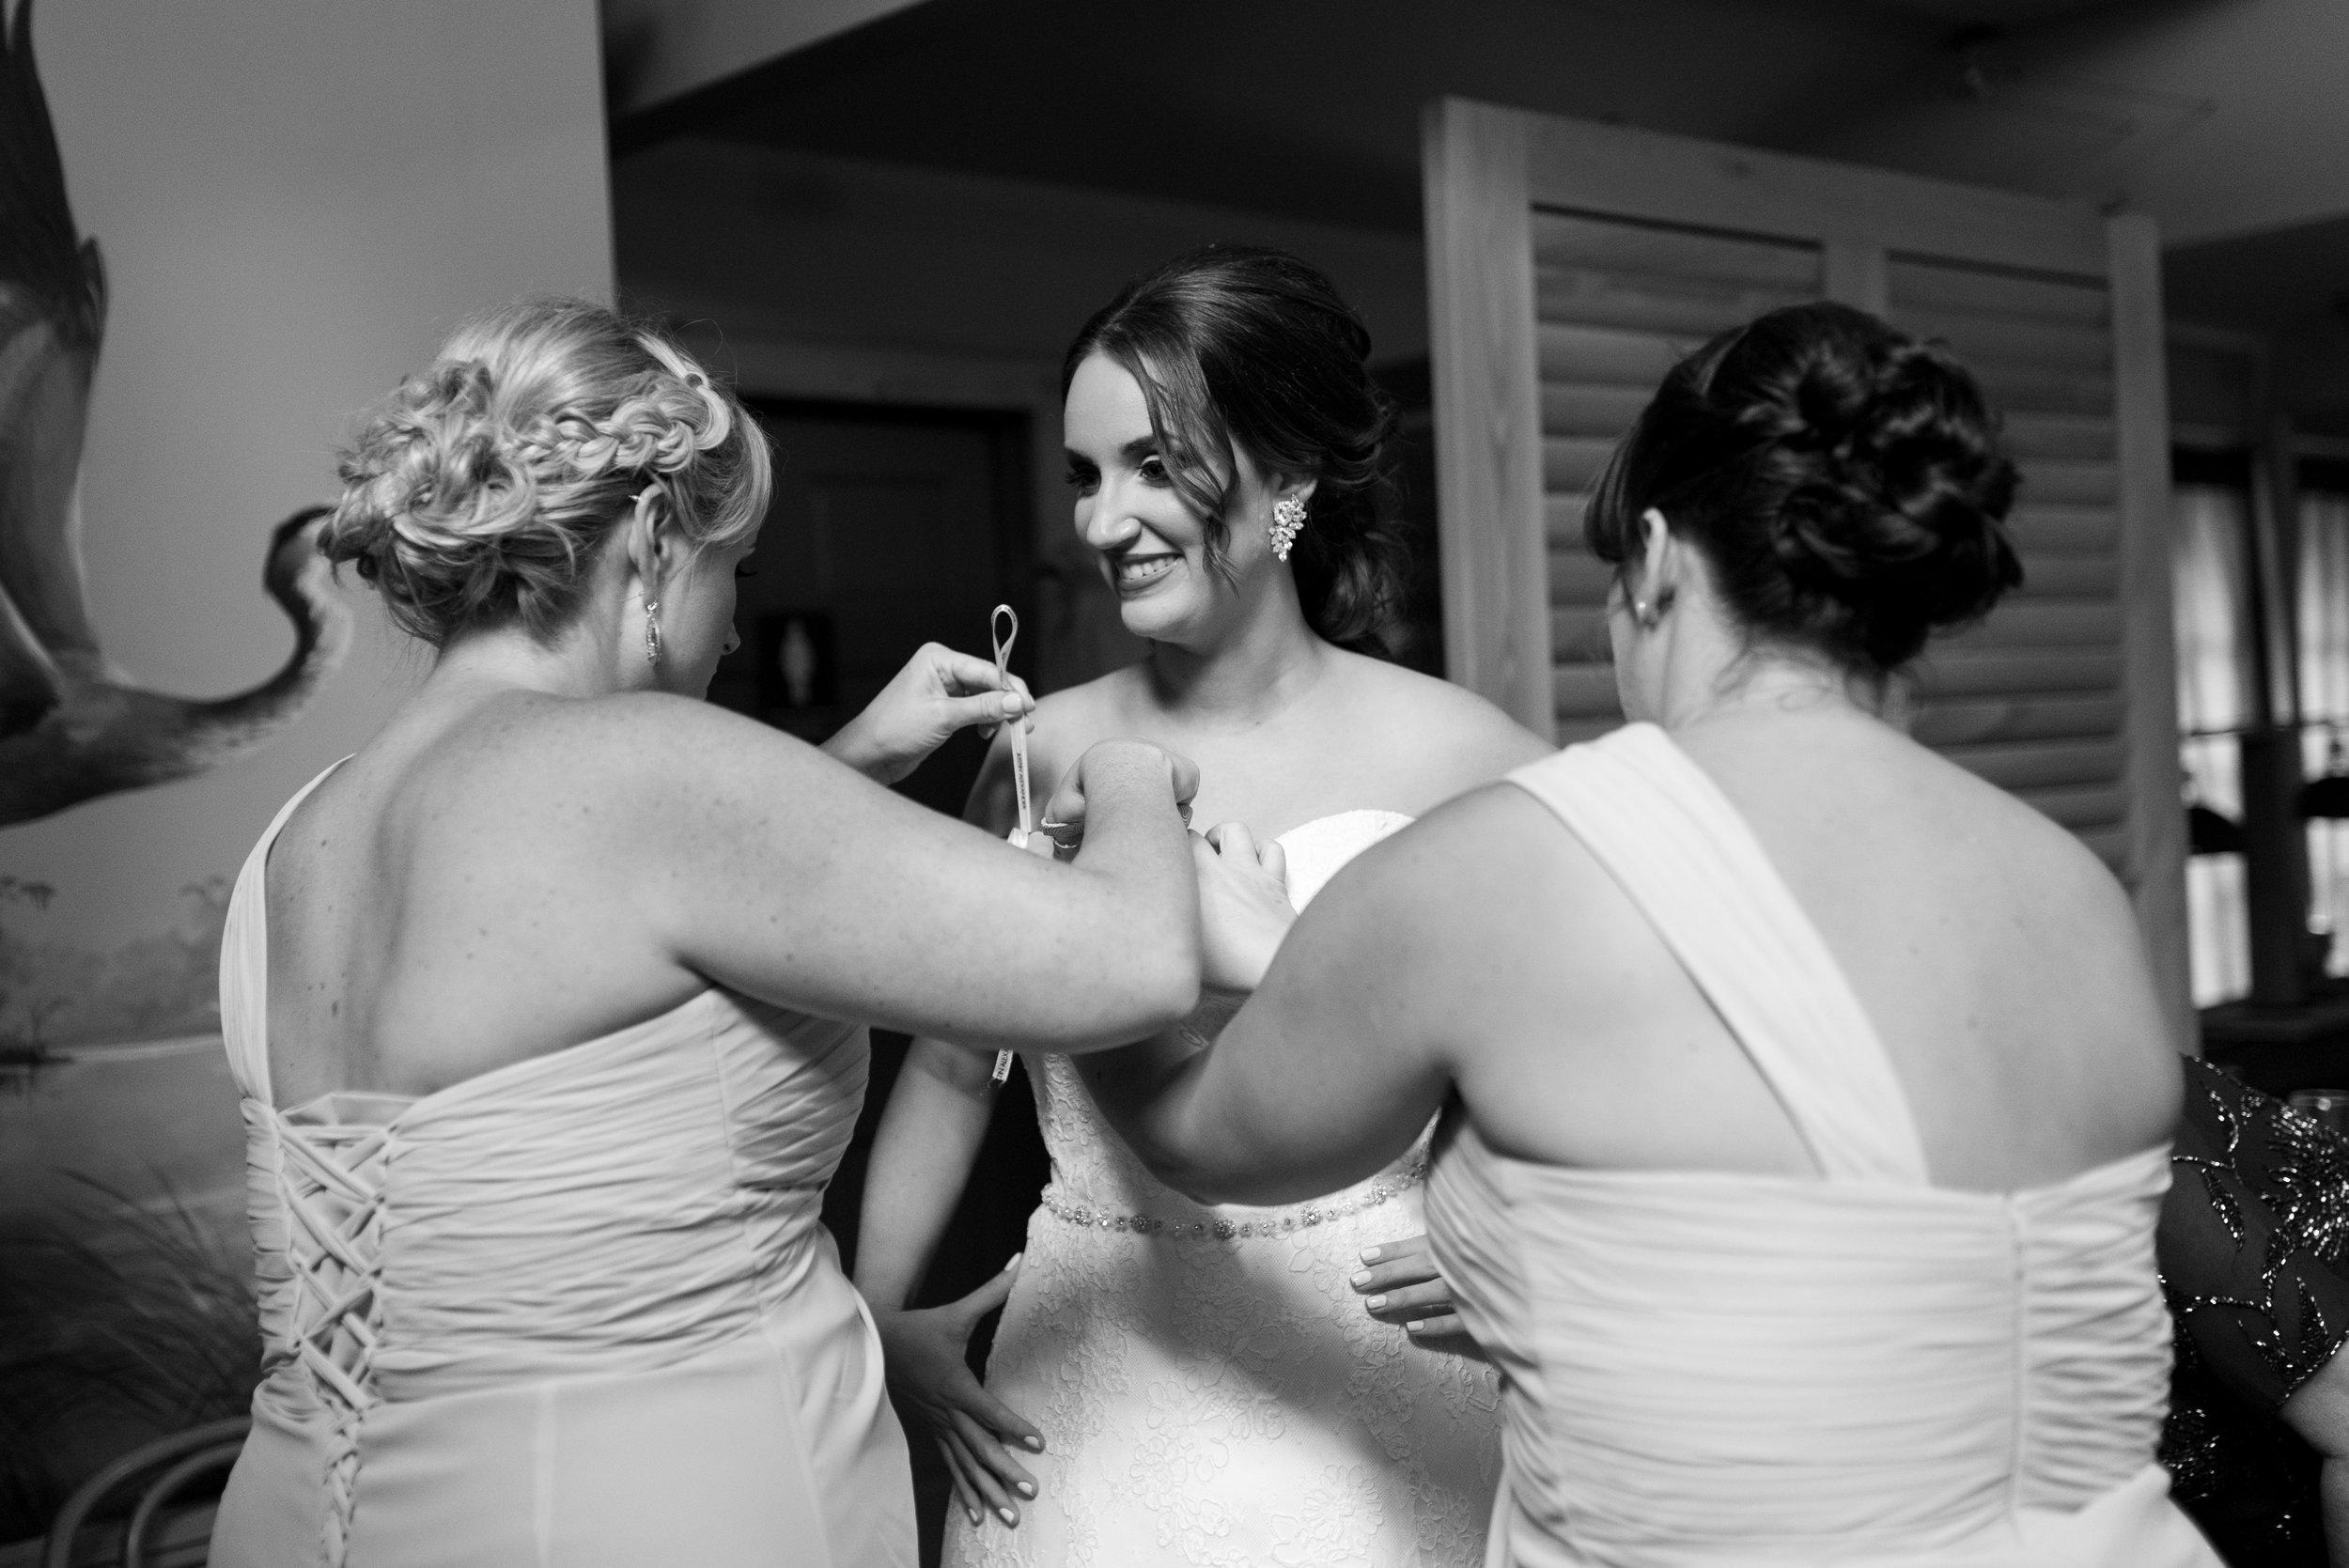 baton rouge candid wedding photography